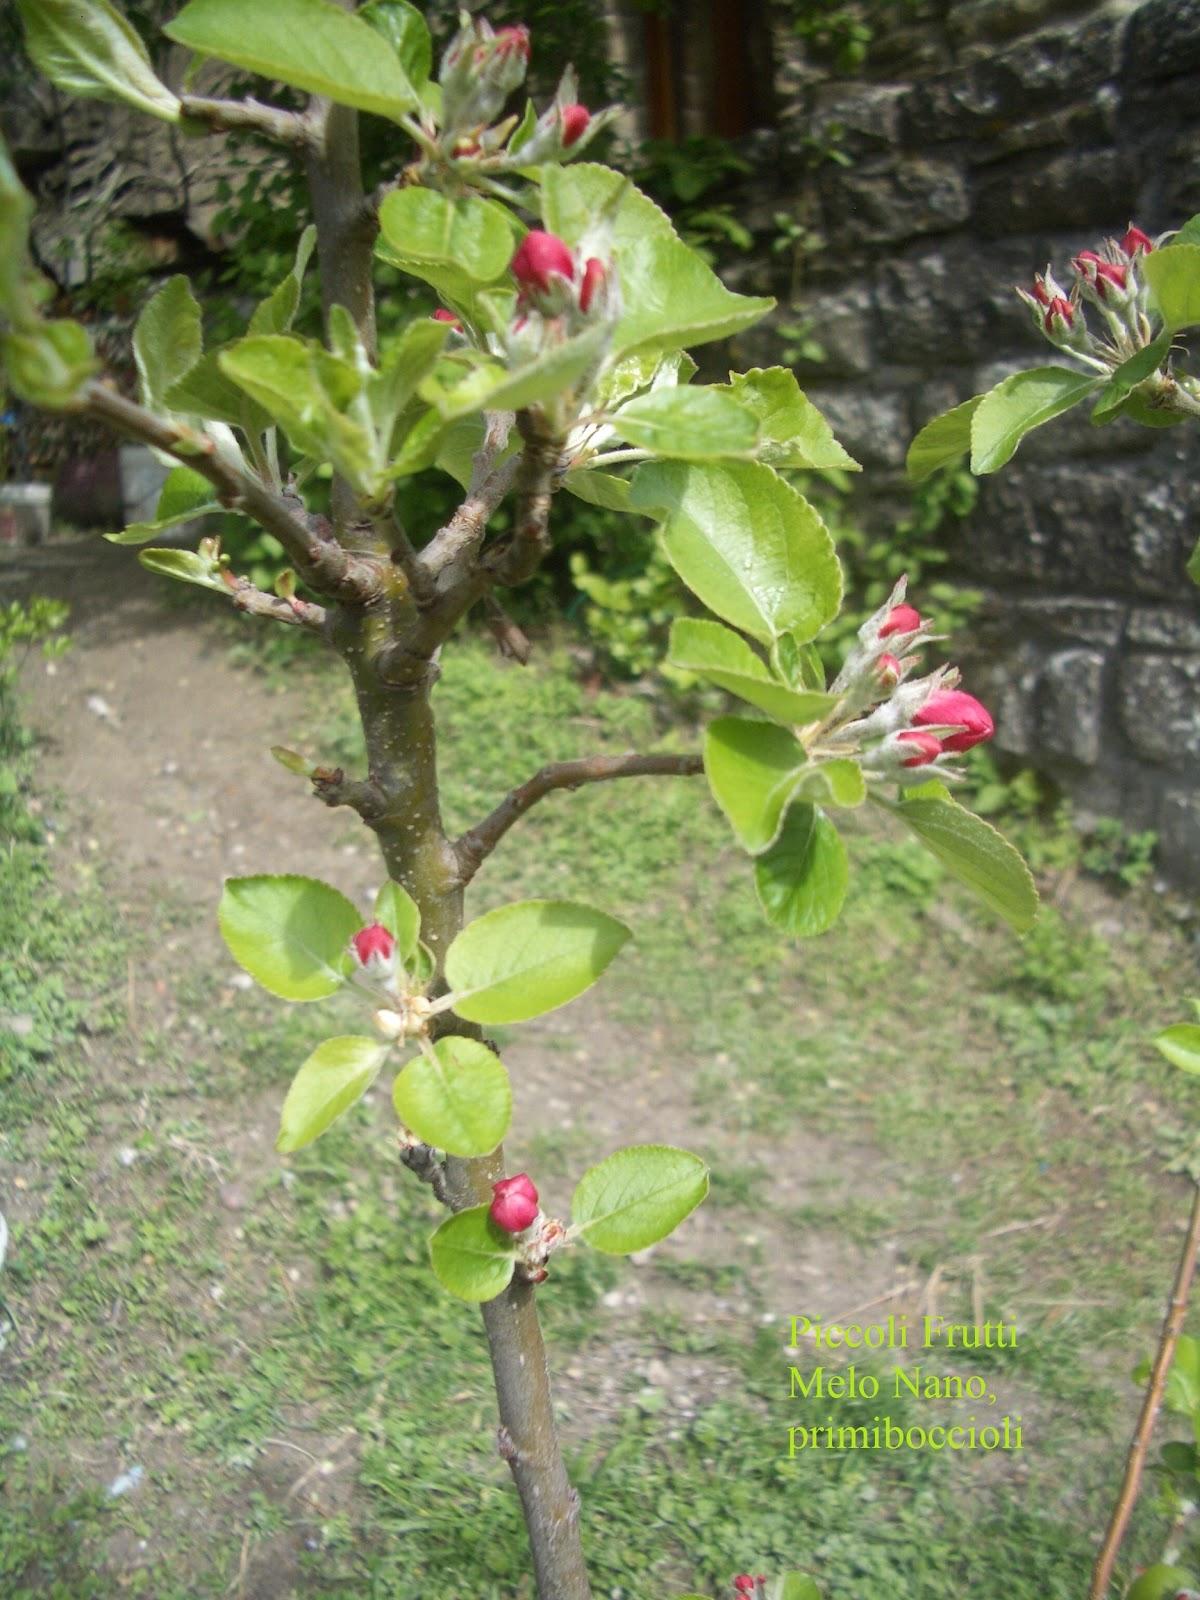 Piccoli frutti melo nano in vaso primi boccioli for Alberi da frutto in vaso